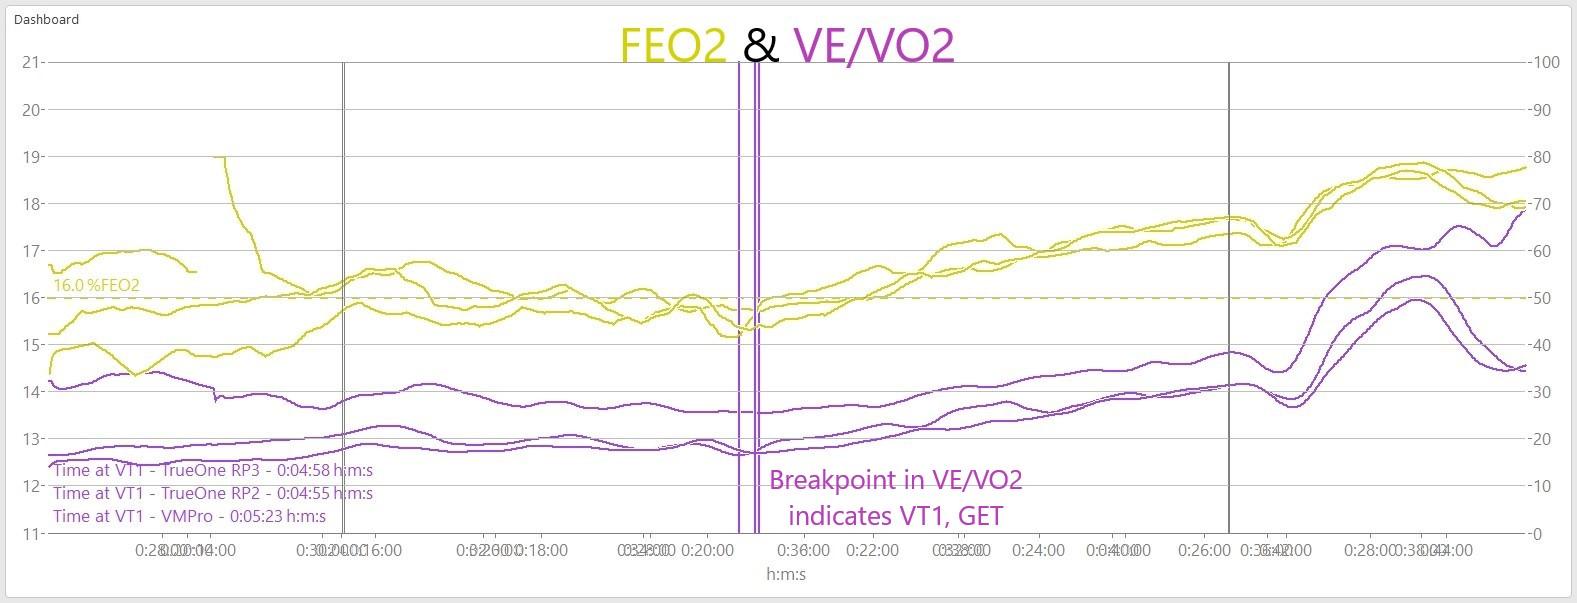 VEVO2_FEO2_Combined